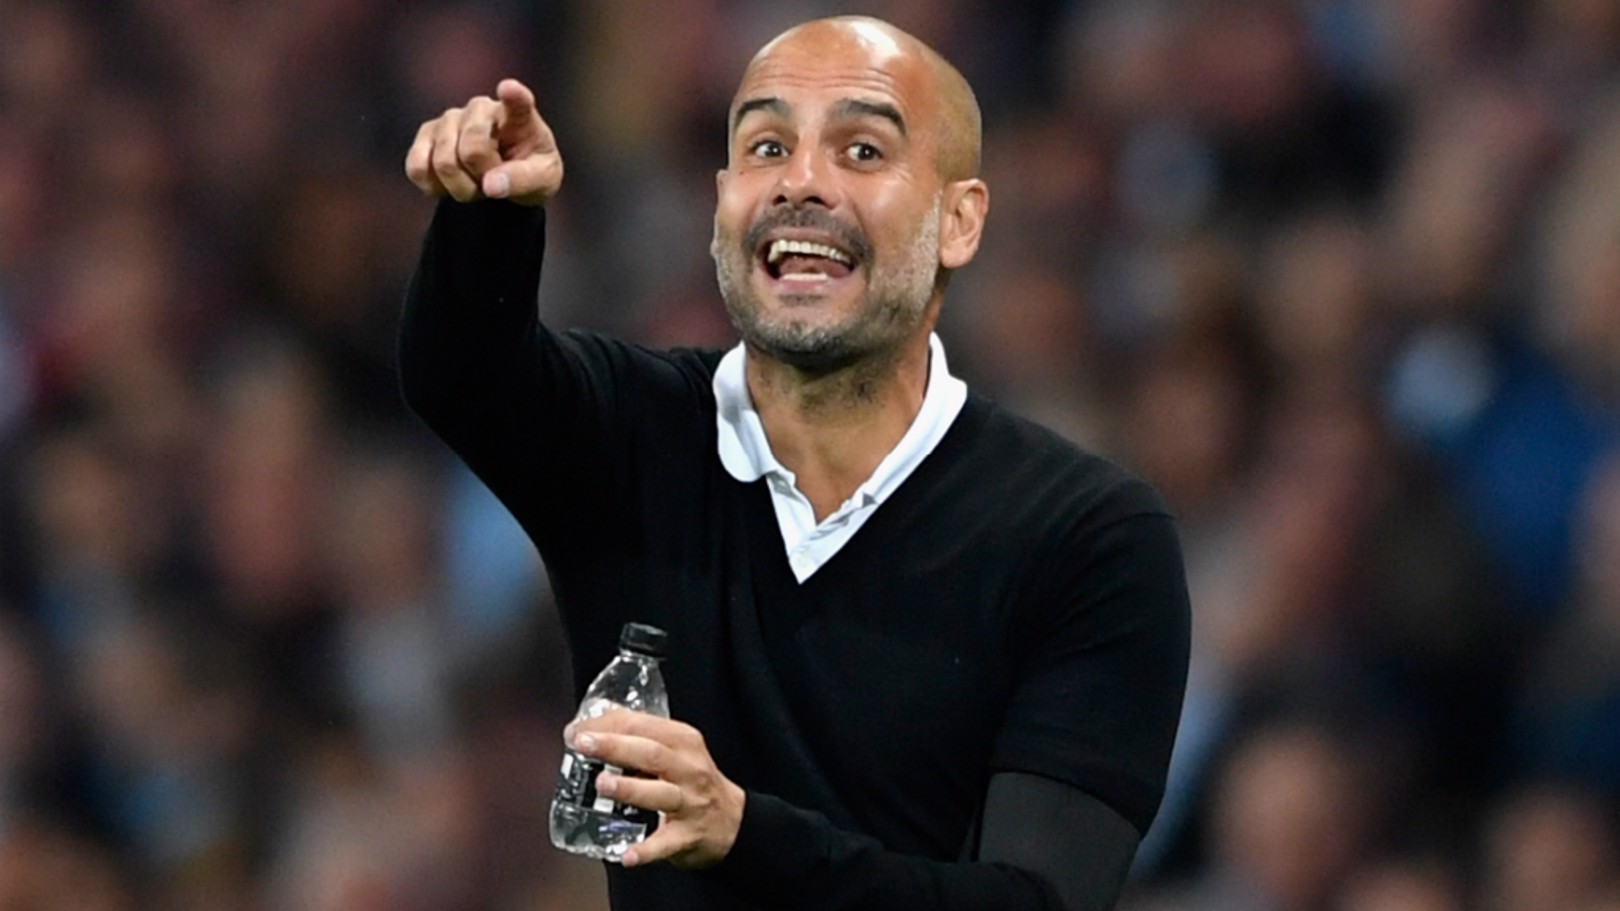 Emosi yang campur aduk bagi Guardiola